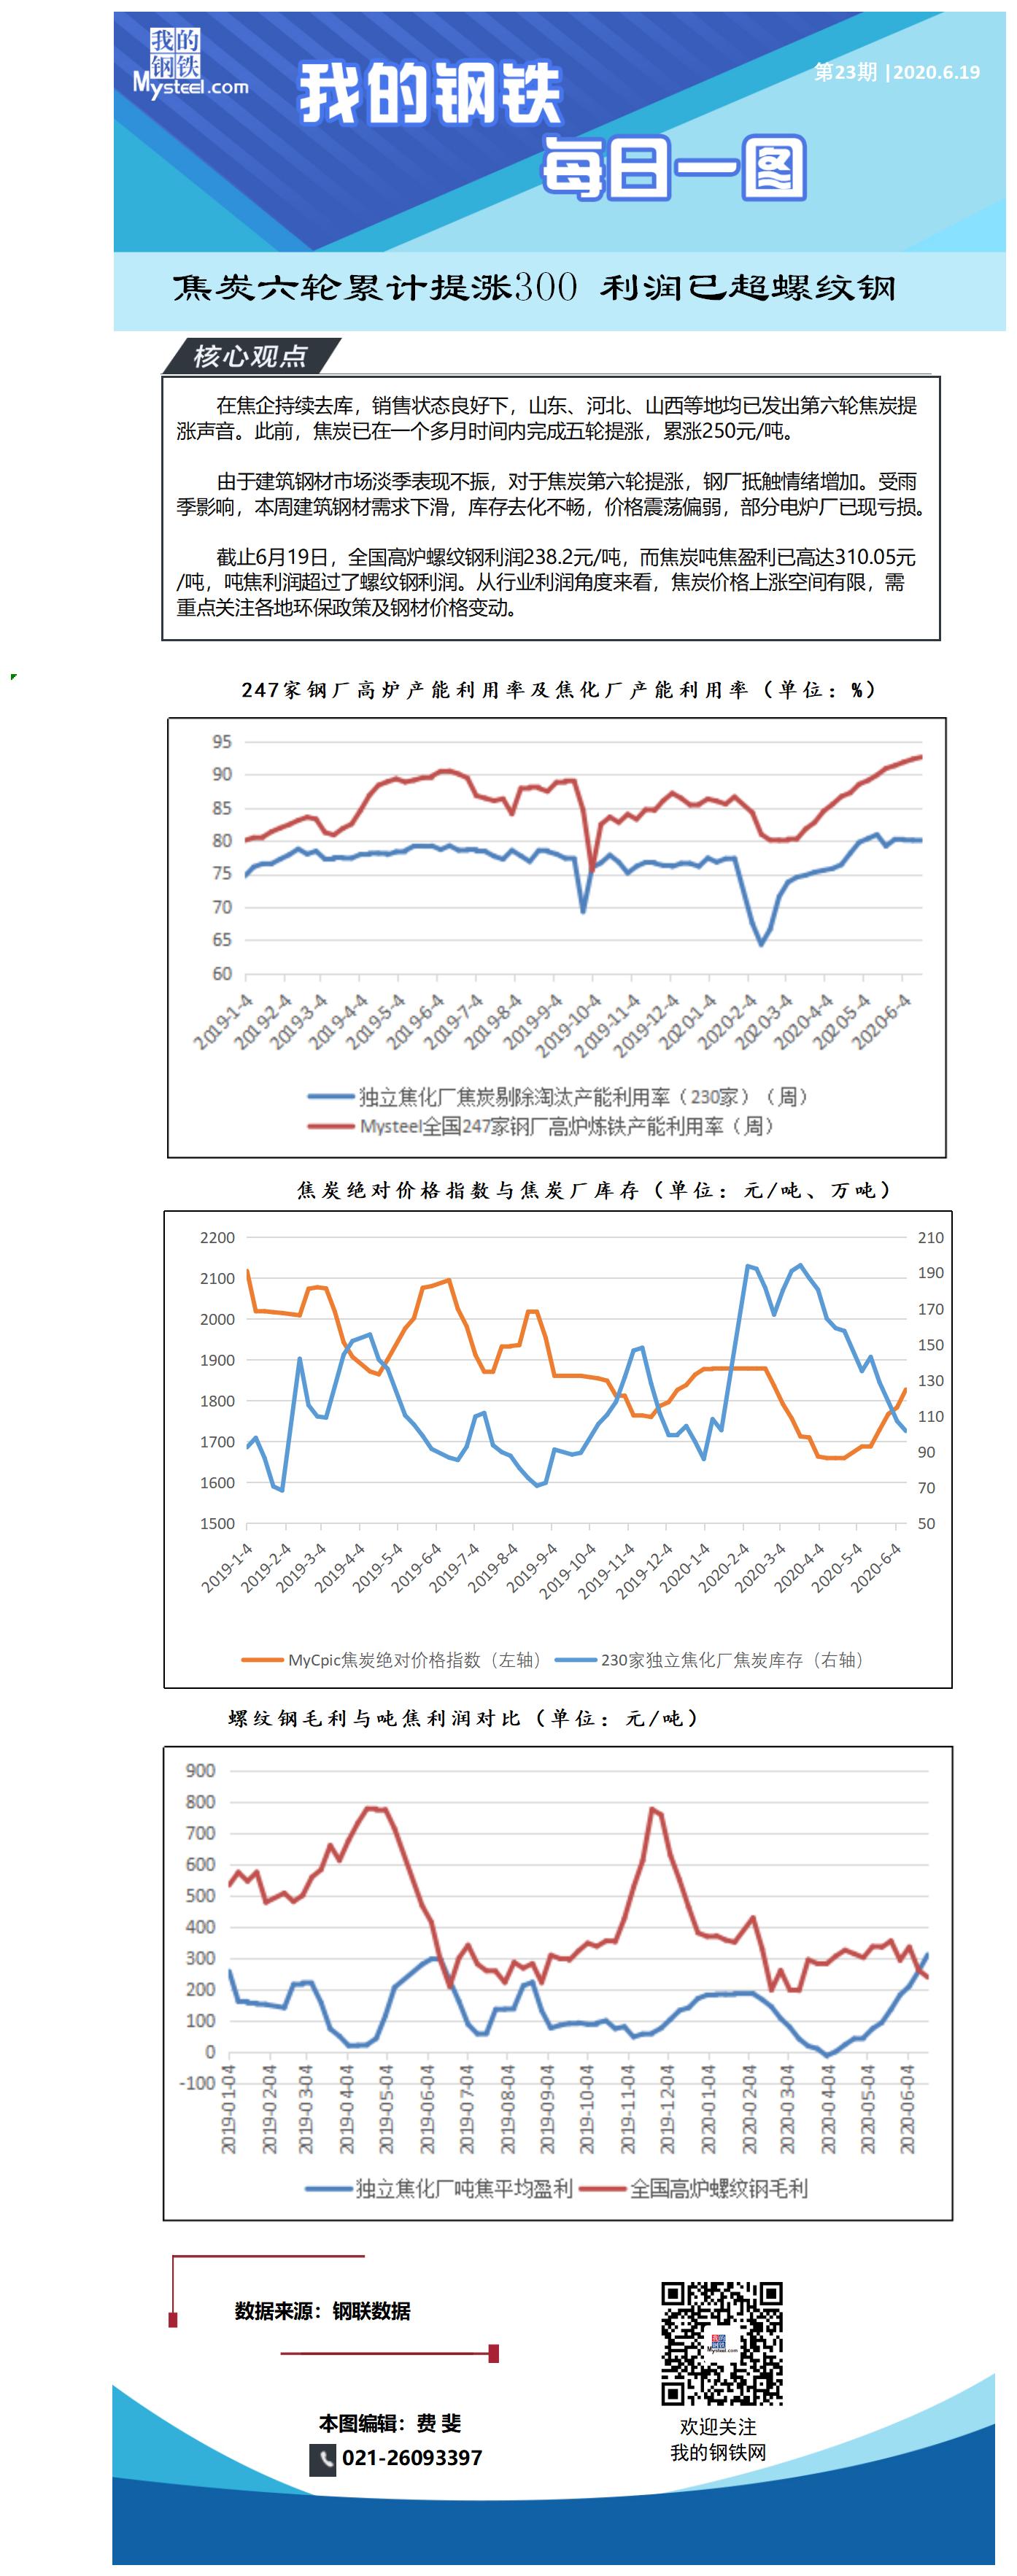 《【万和城娱乐怎么代理】Mysteel每日一图:焦炭六轮累计提涨300 利润已超螺纹钢》